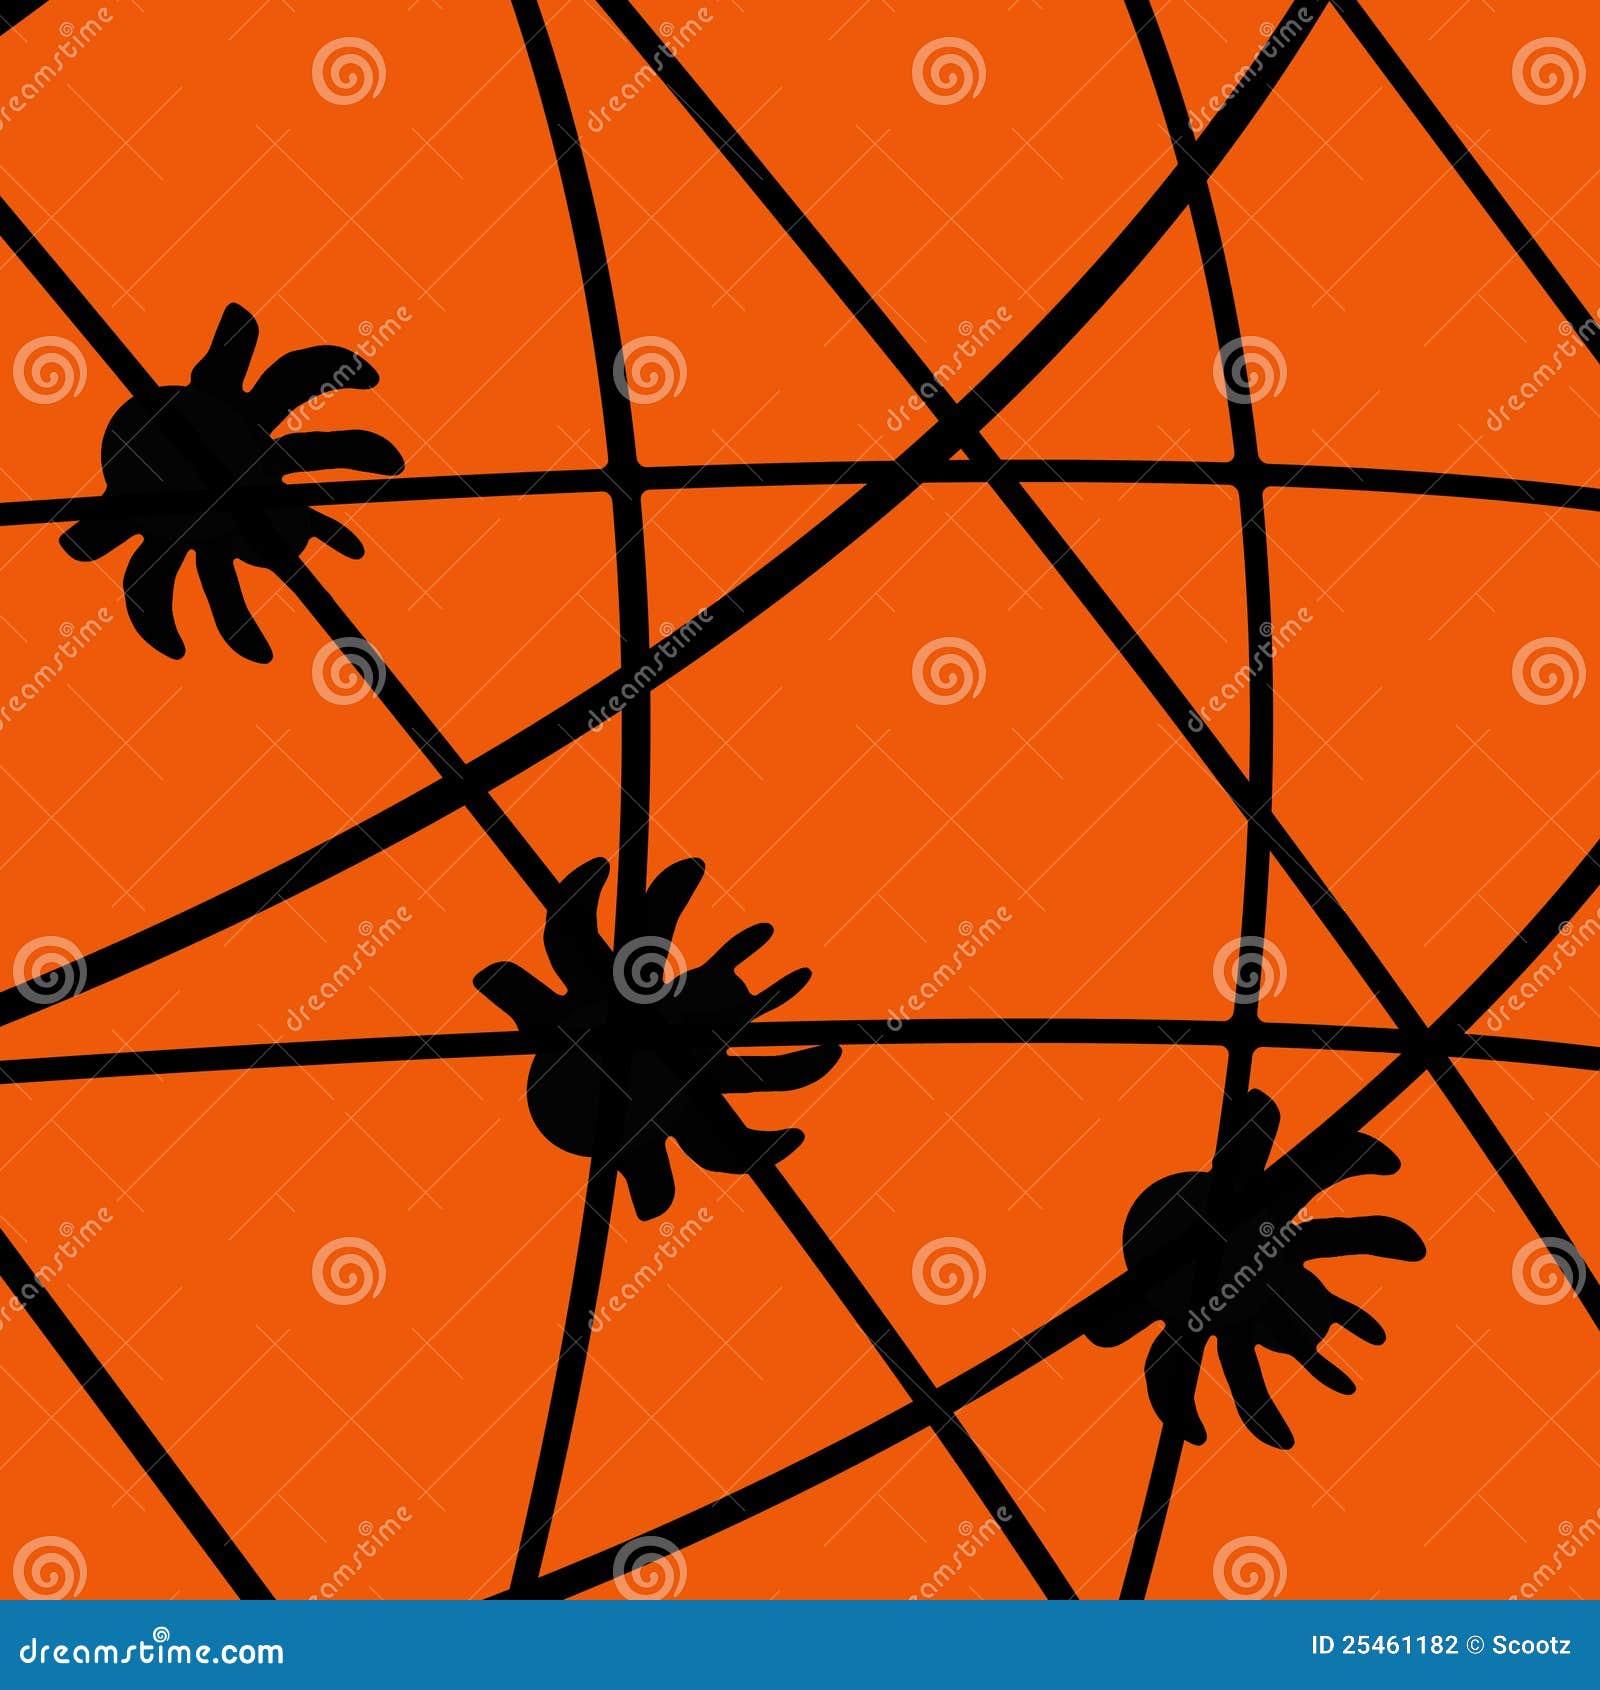 黑色万圣节例证海报蜘蛛网.图片